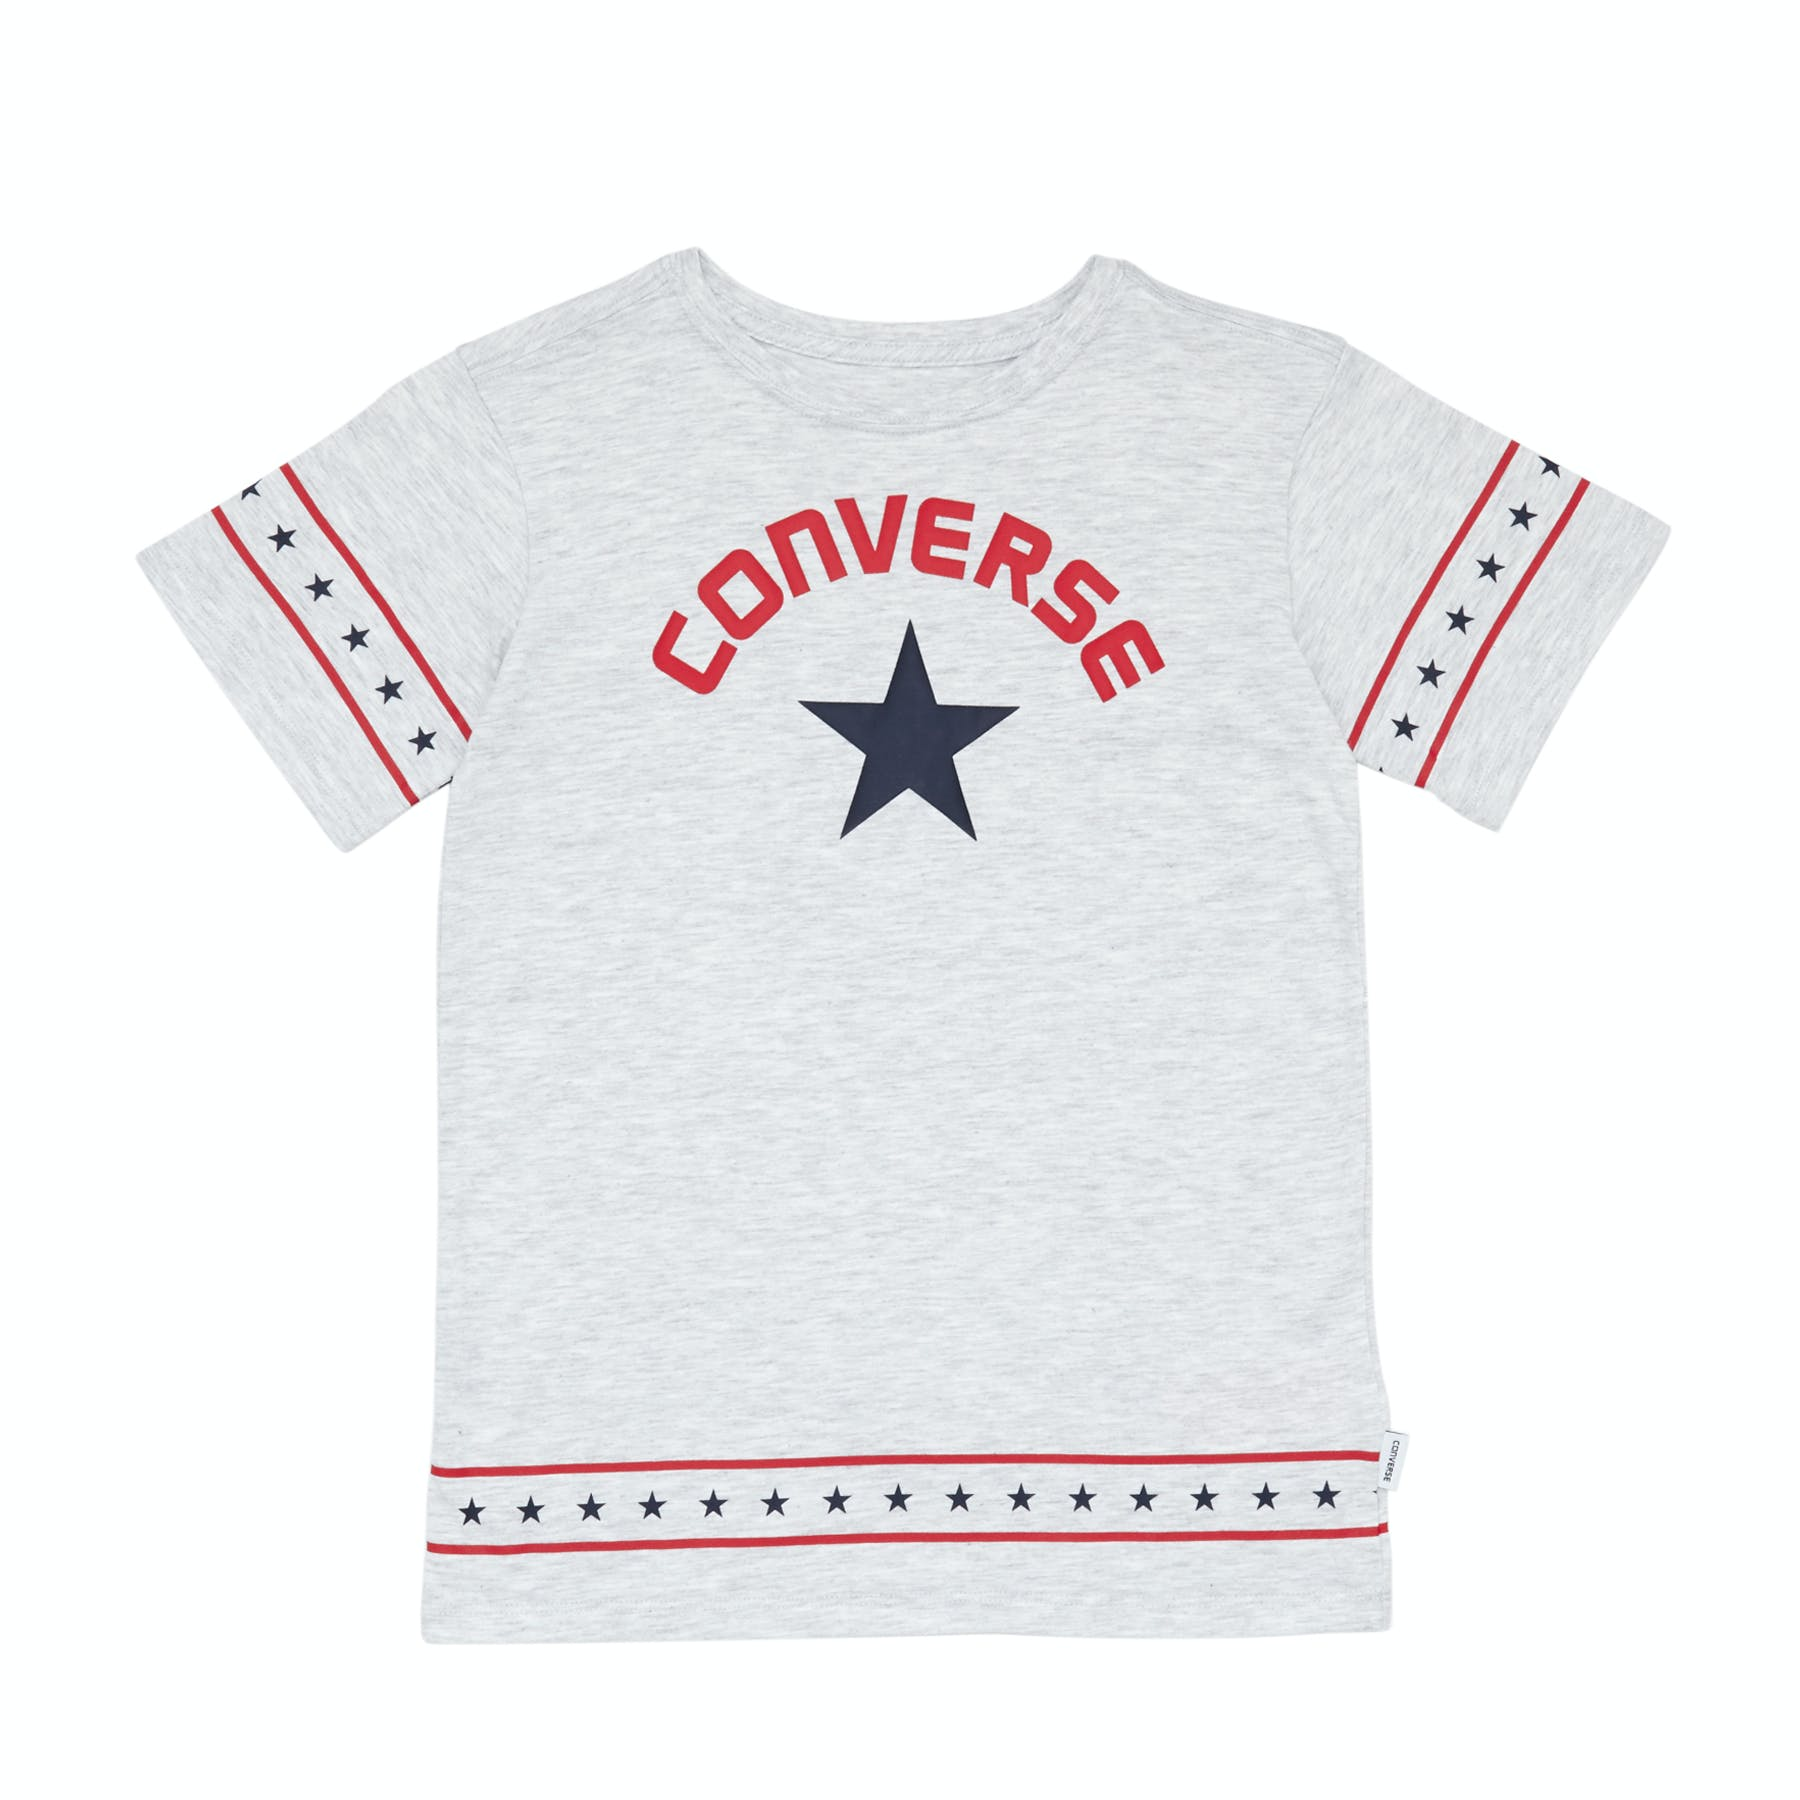 Converse Star Trim Girls Short Sleeve T-Shirt